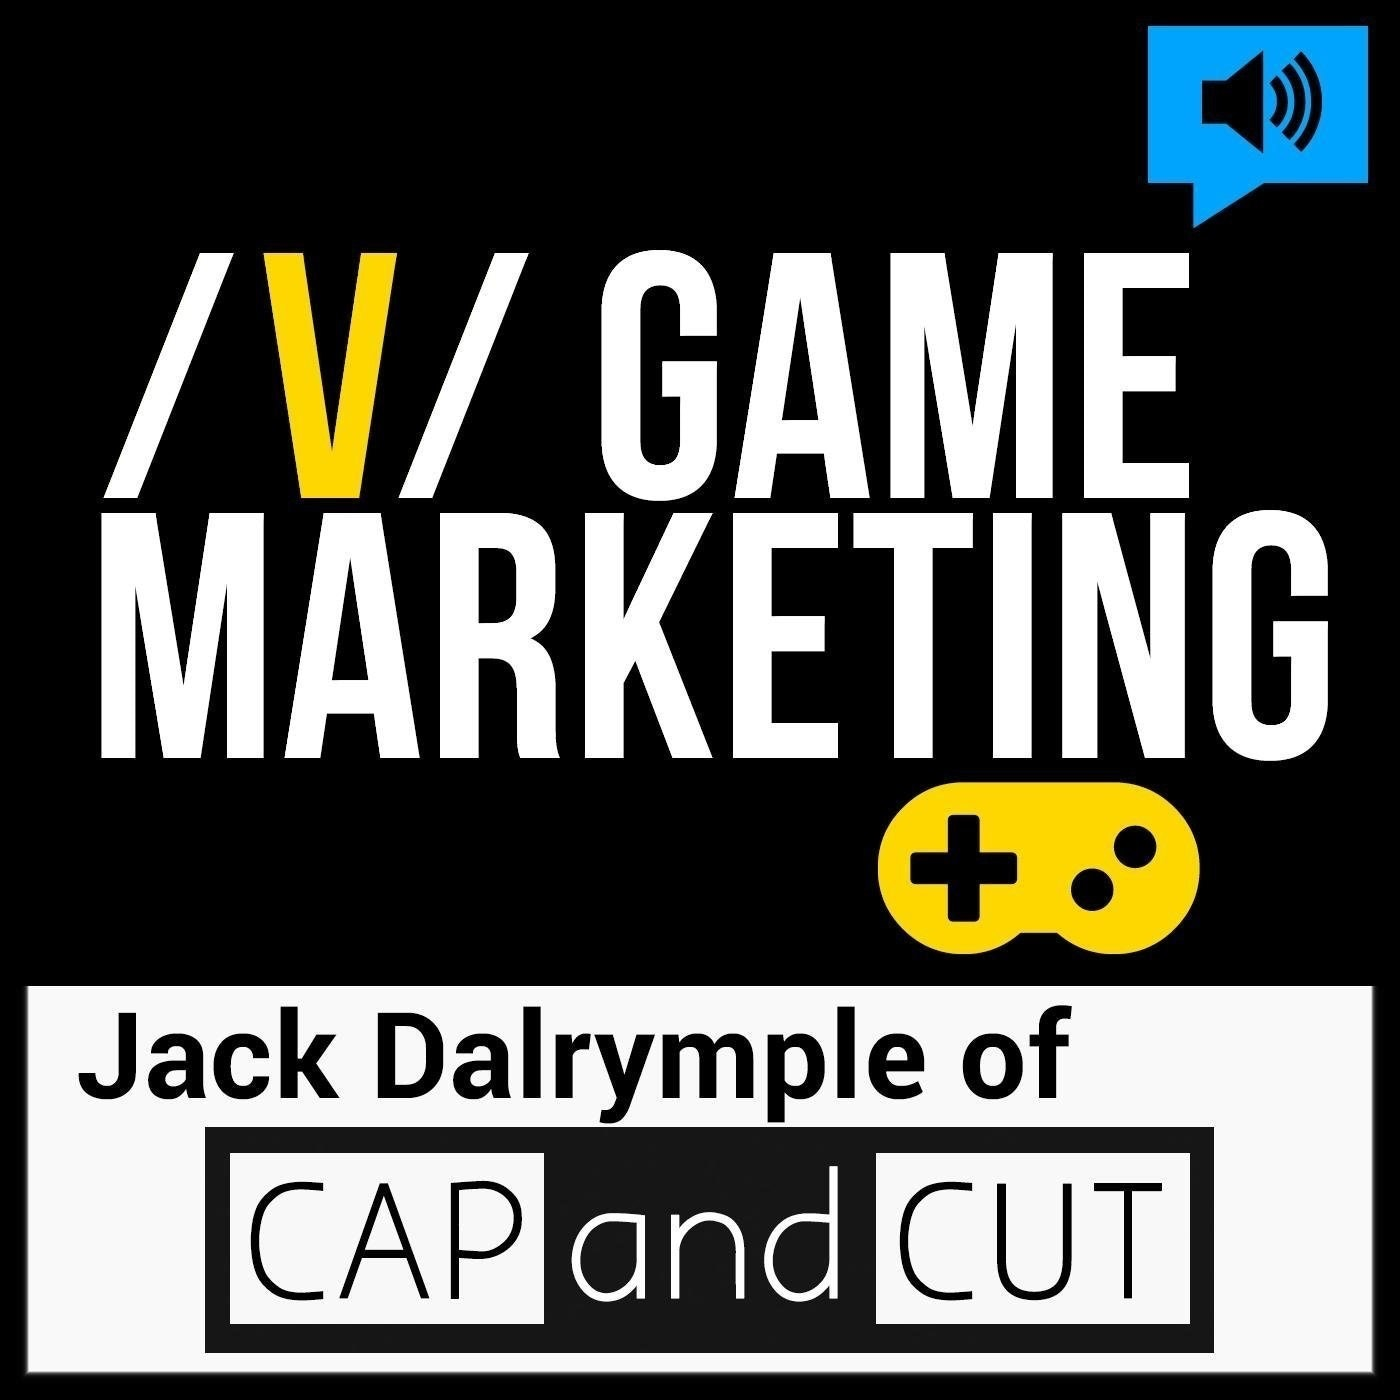 /v/ Game Marketing